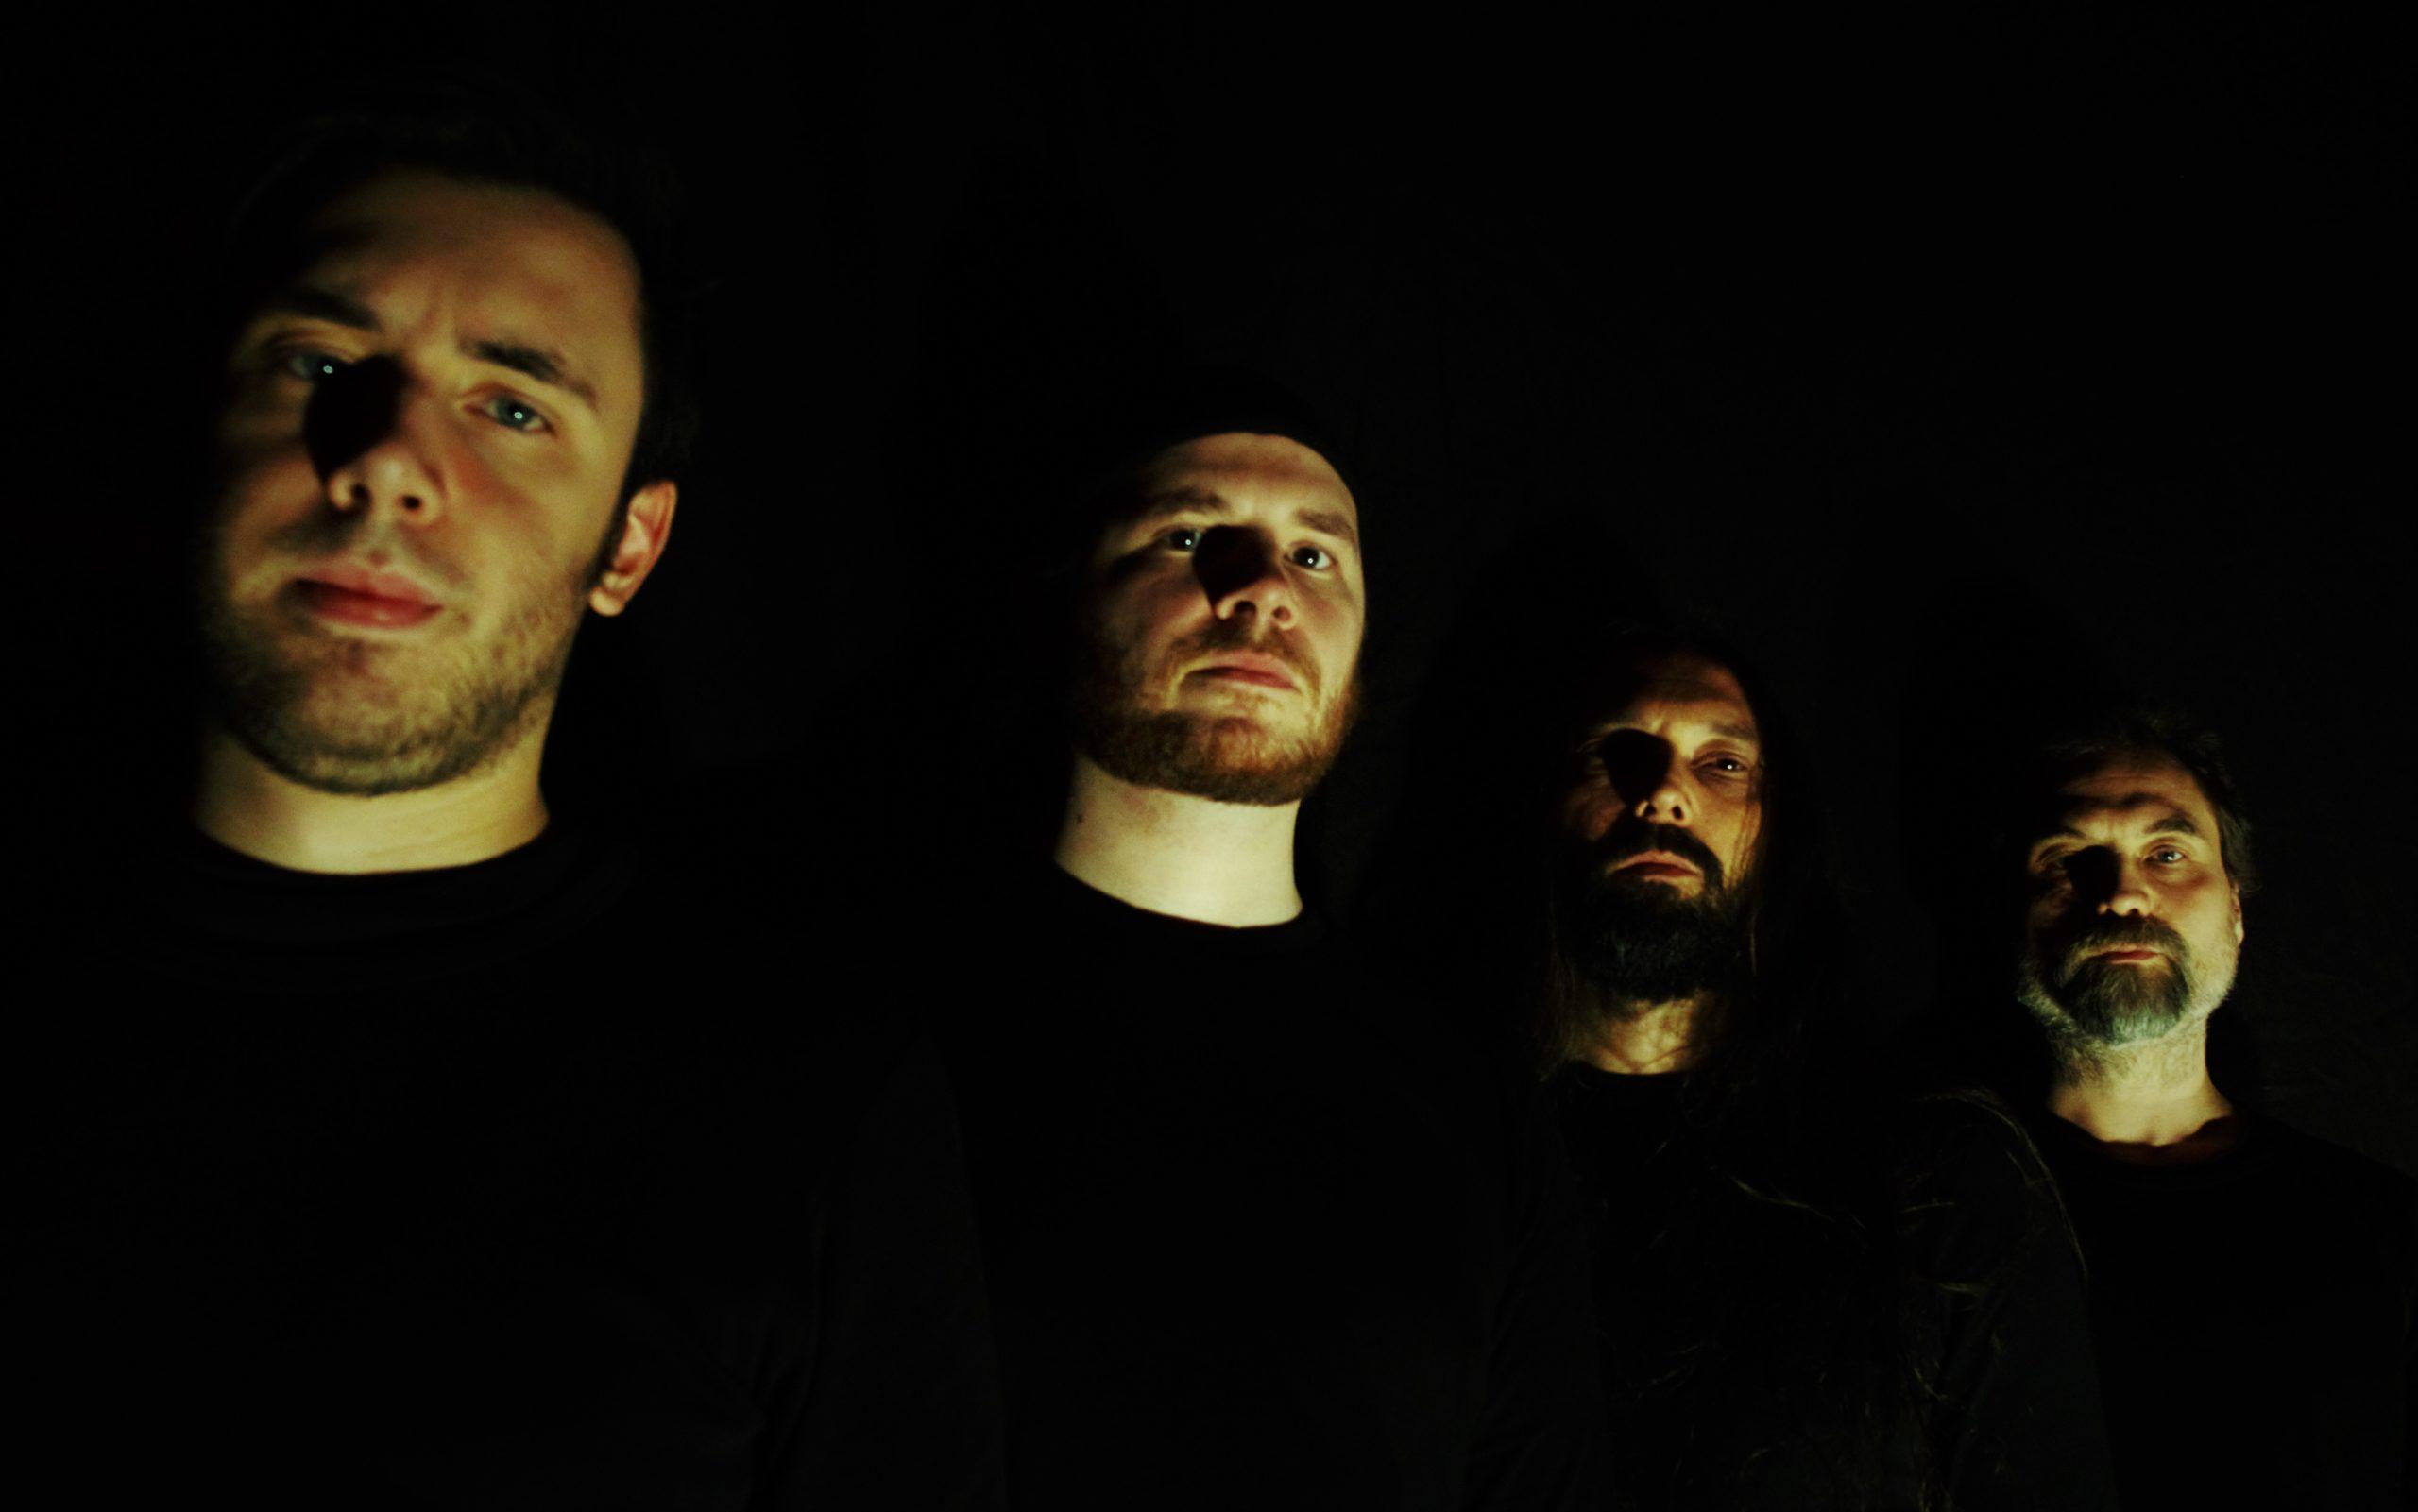 Saksalainen Bloodbeat julkaisi singlen ja musiikkivideon tulevalta toiselta studioalbumiltaan